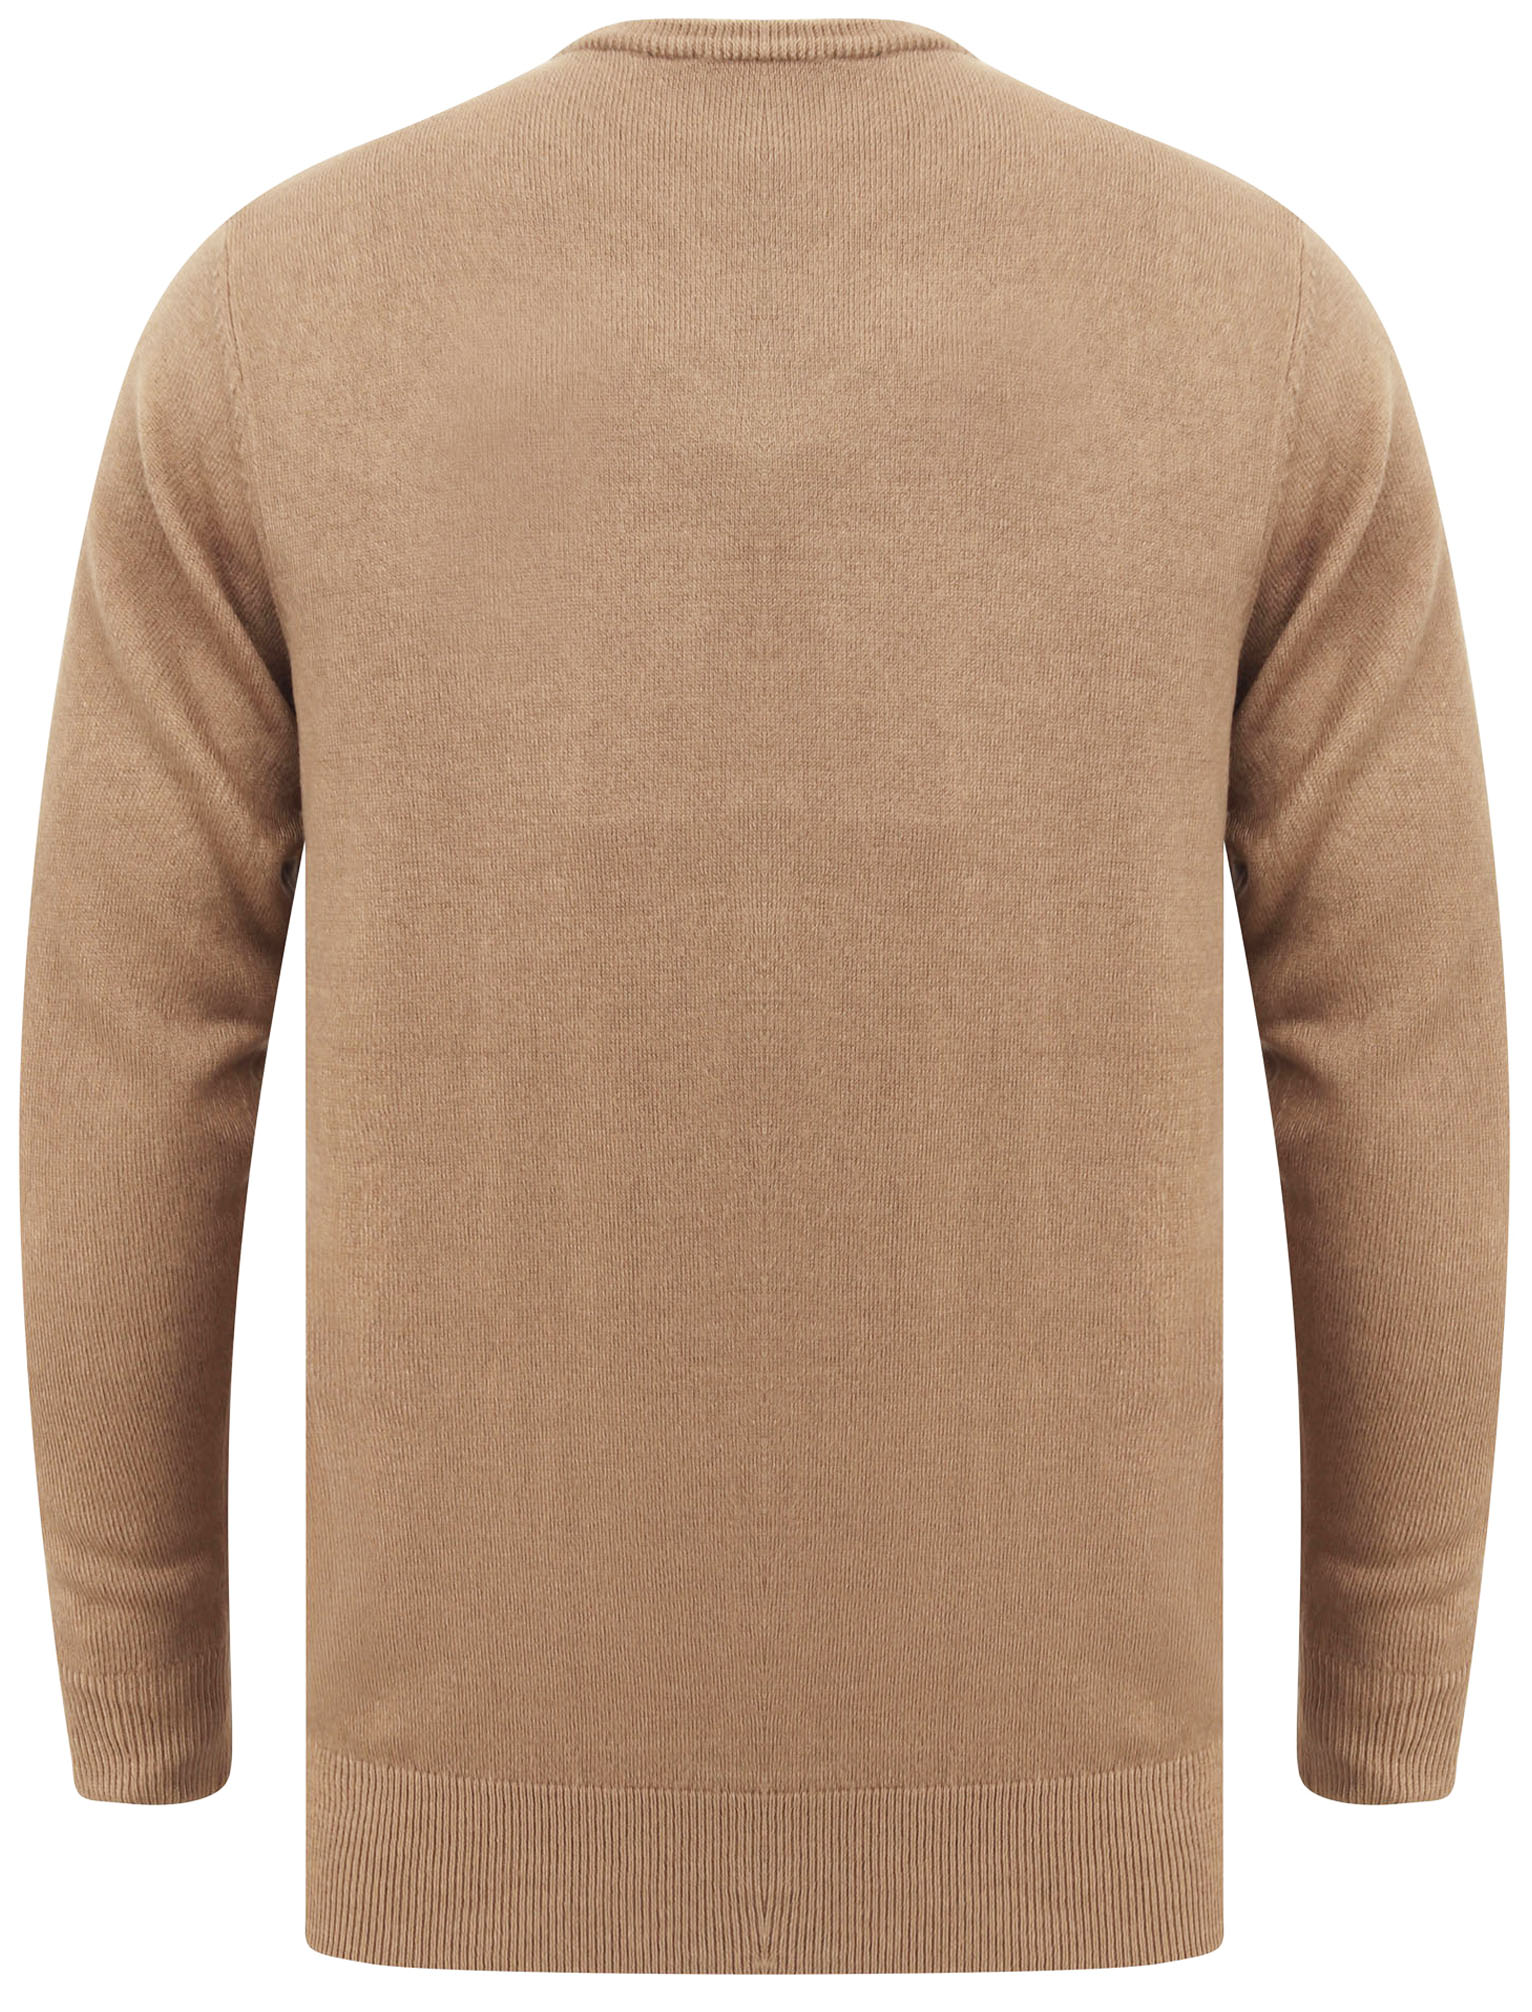 Kensington-Eastside-Men-039-s-Knitted-Crew-or-V-Neck-Jumper-Sweater-Top-Pullover thumbnail 83